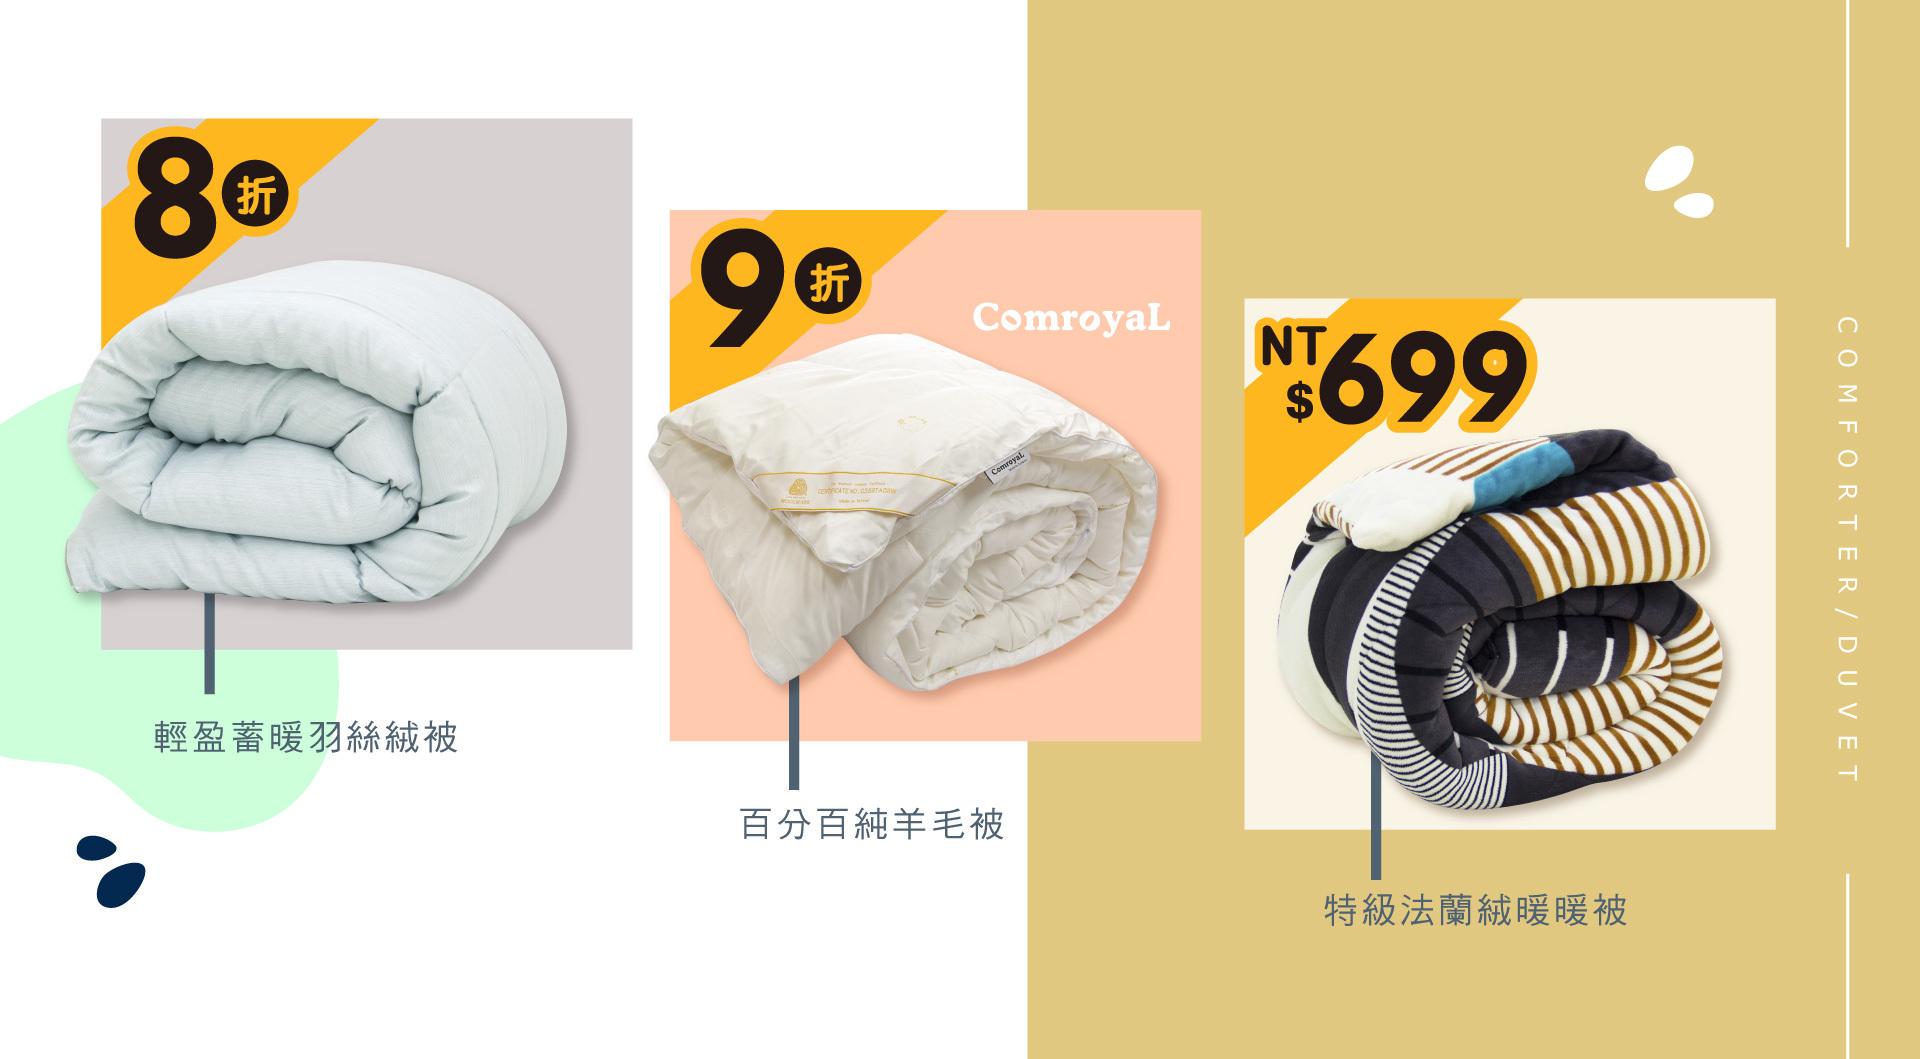 天恩寢具冬特賣,冬季暖被8折起。